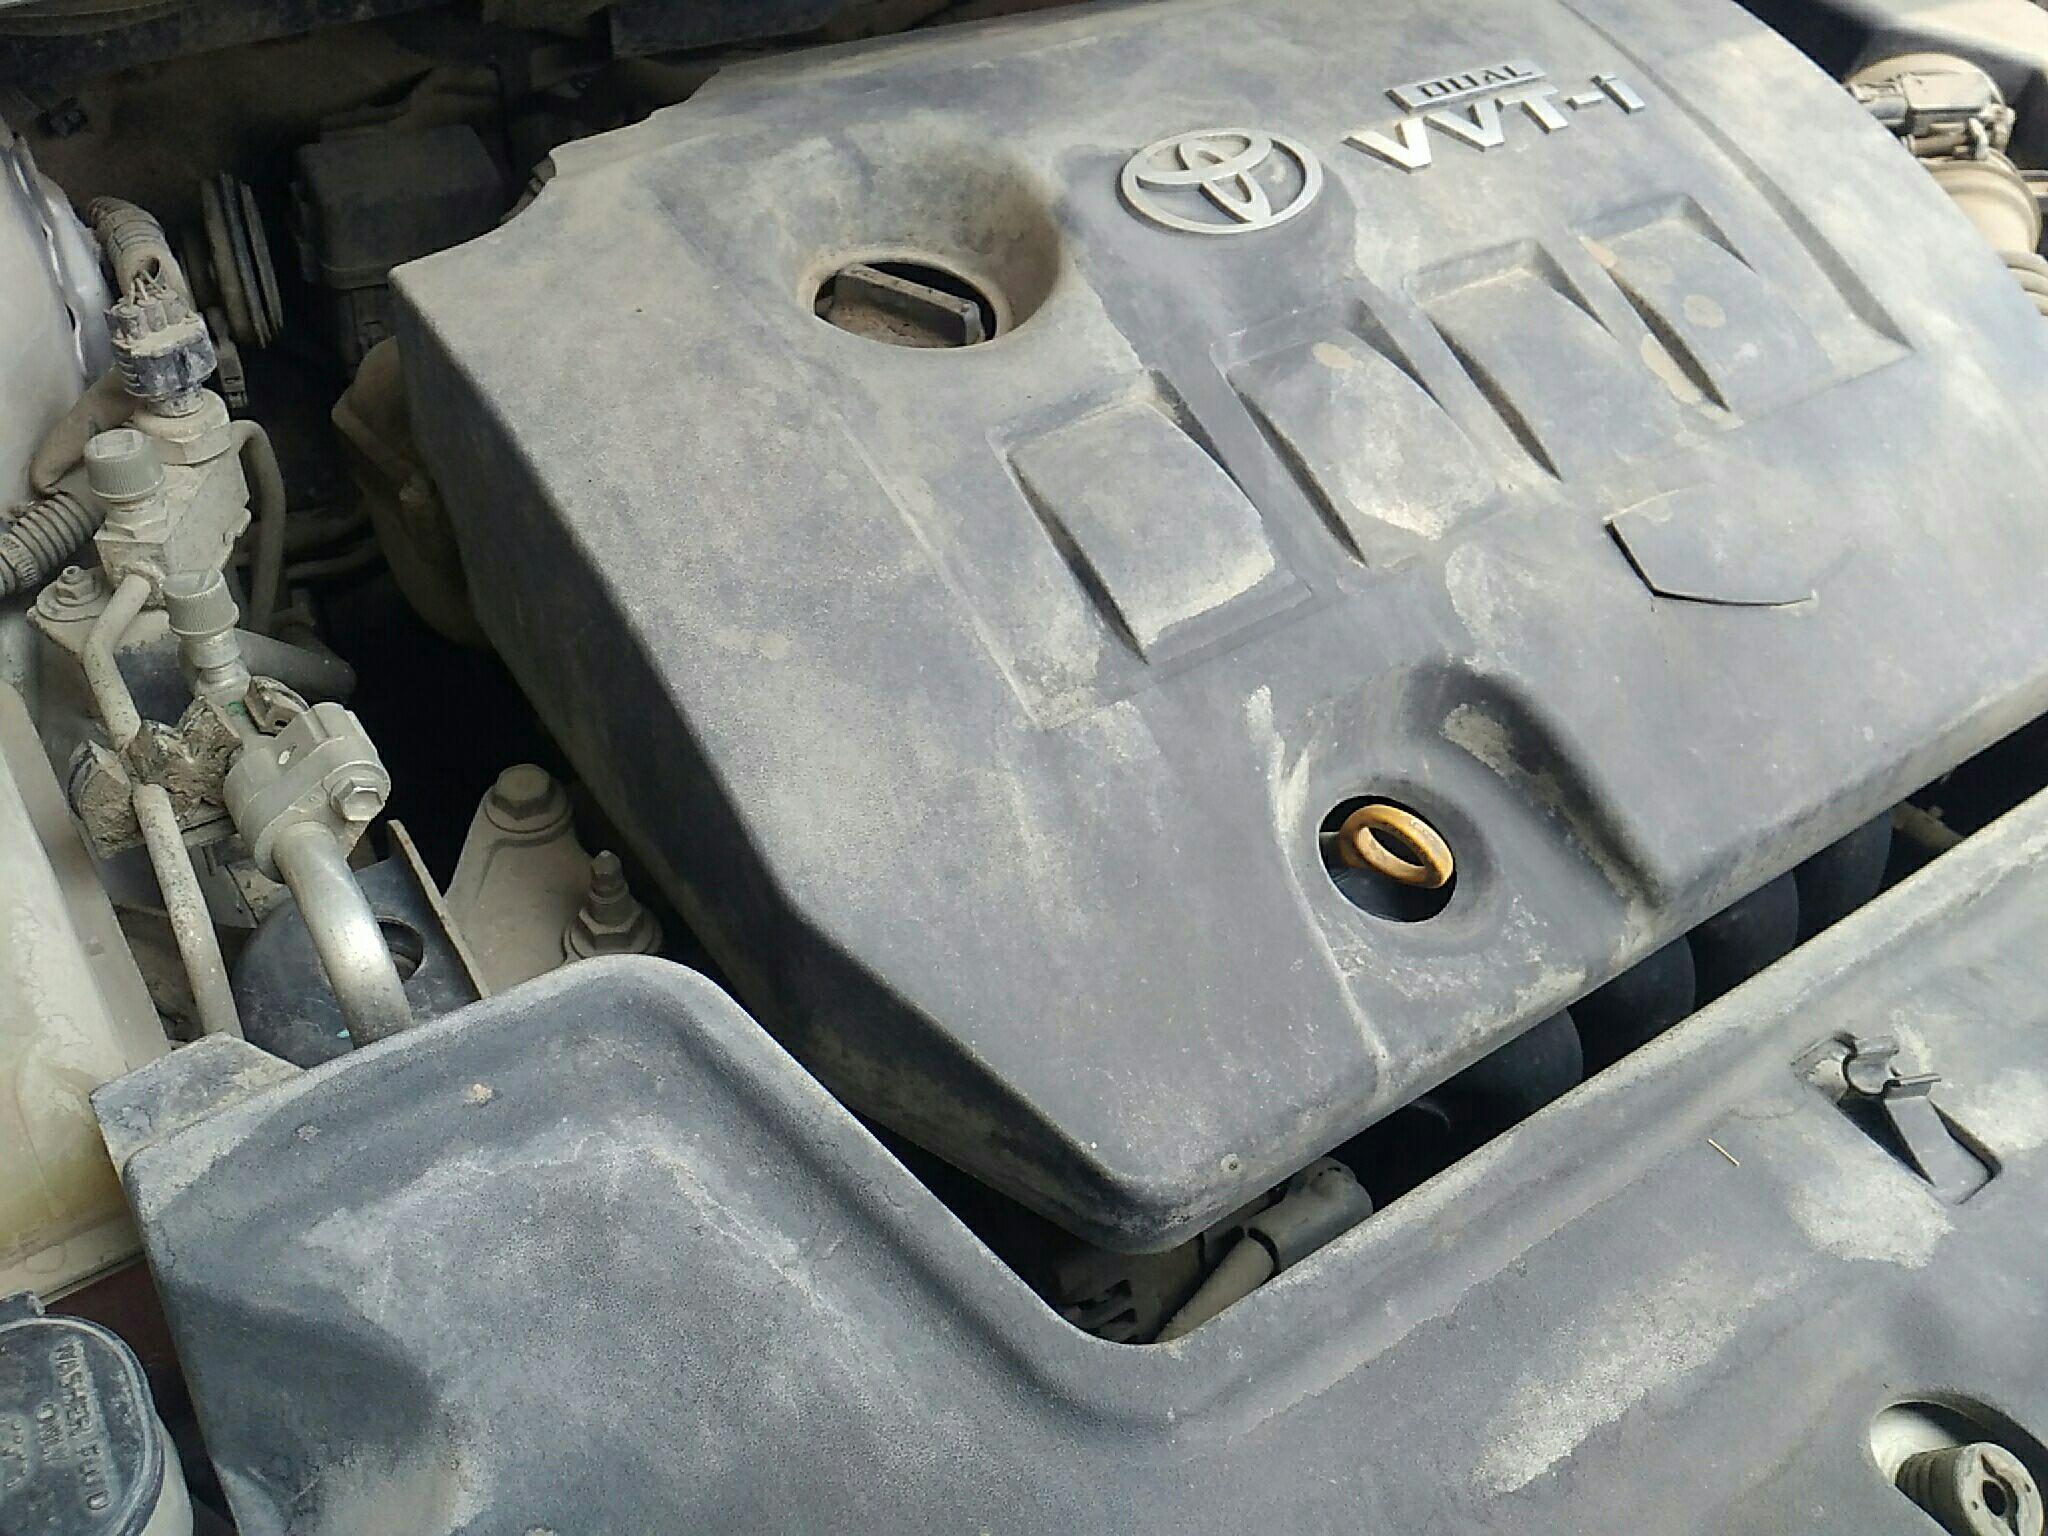 正常 4 正时罩(链条) 正常 5 vin码 正常 6 abs泵 正常 7 变速箱油底